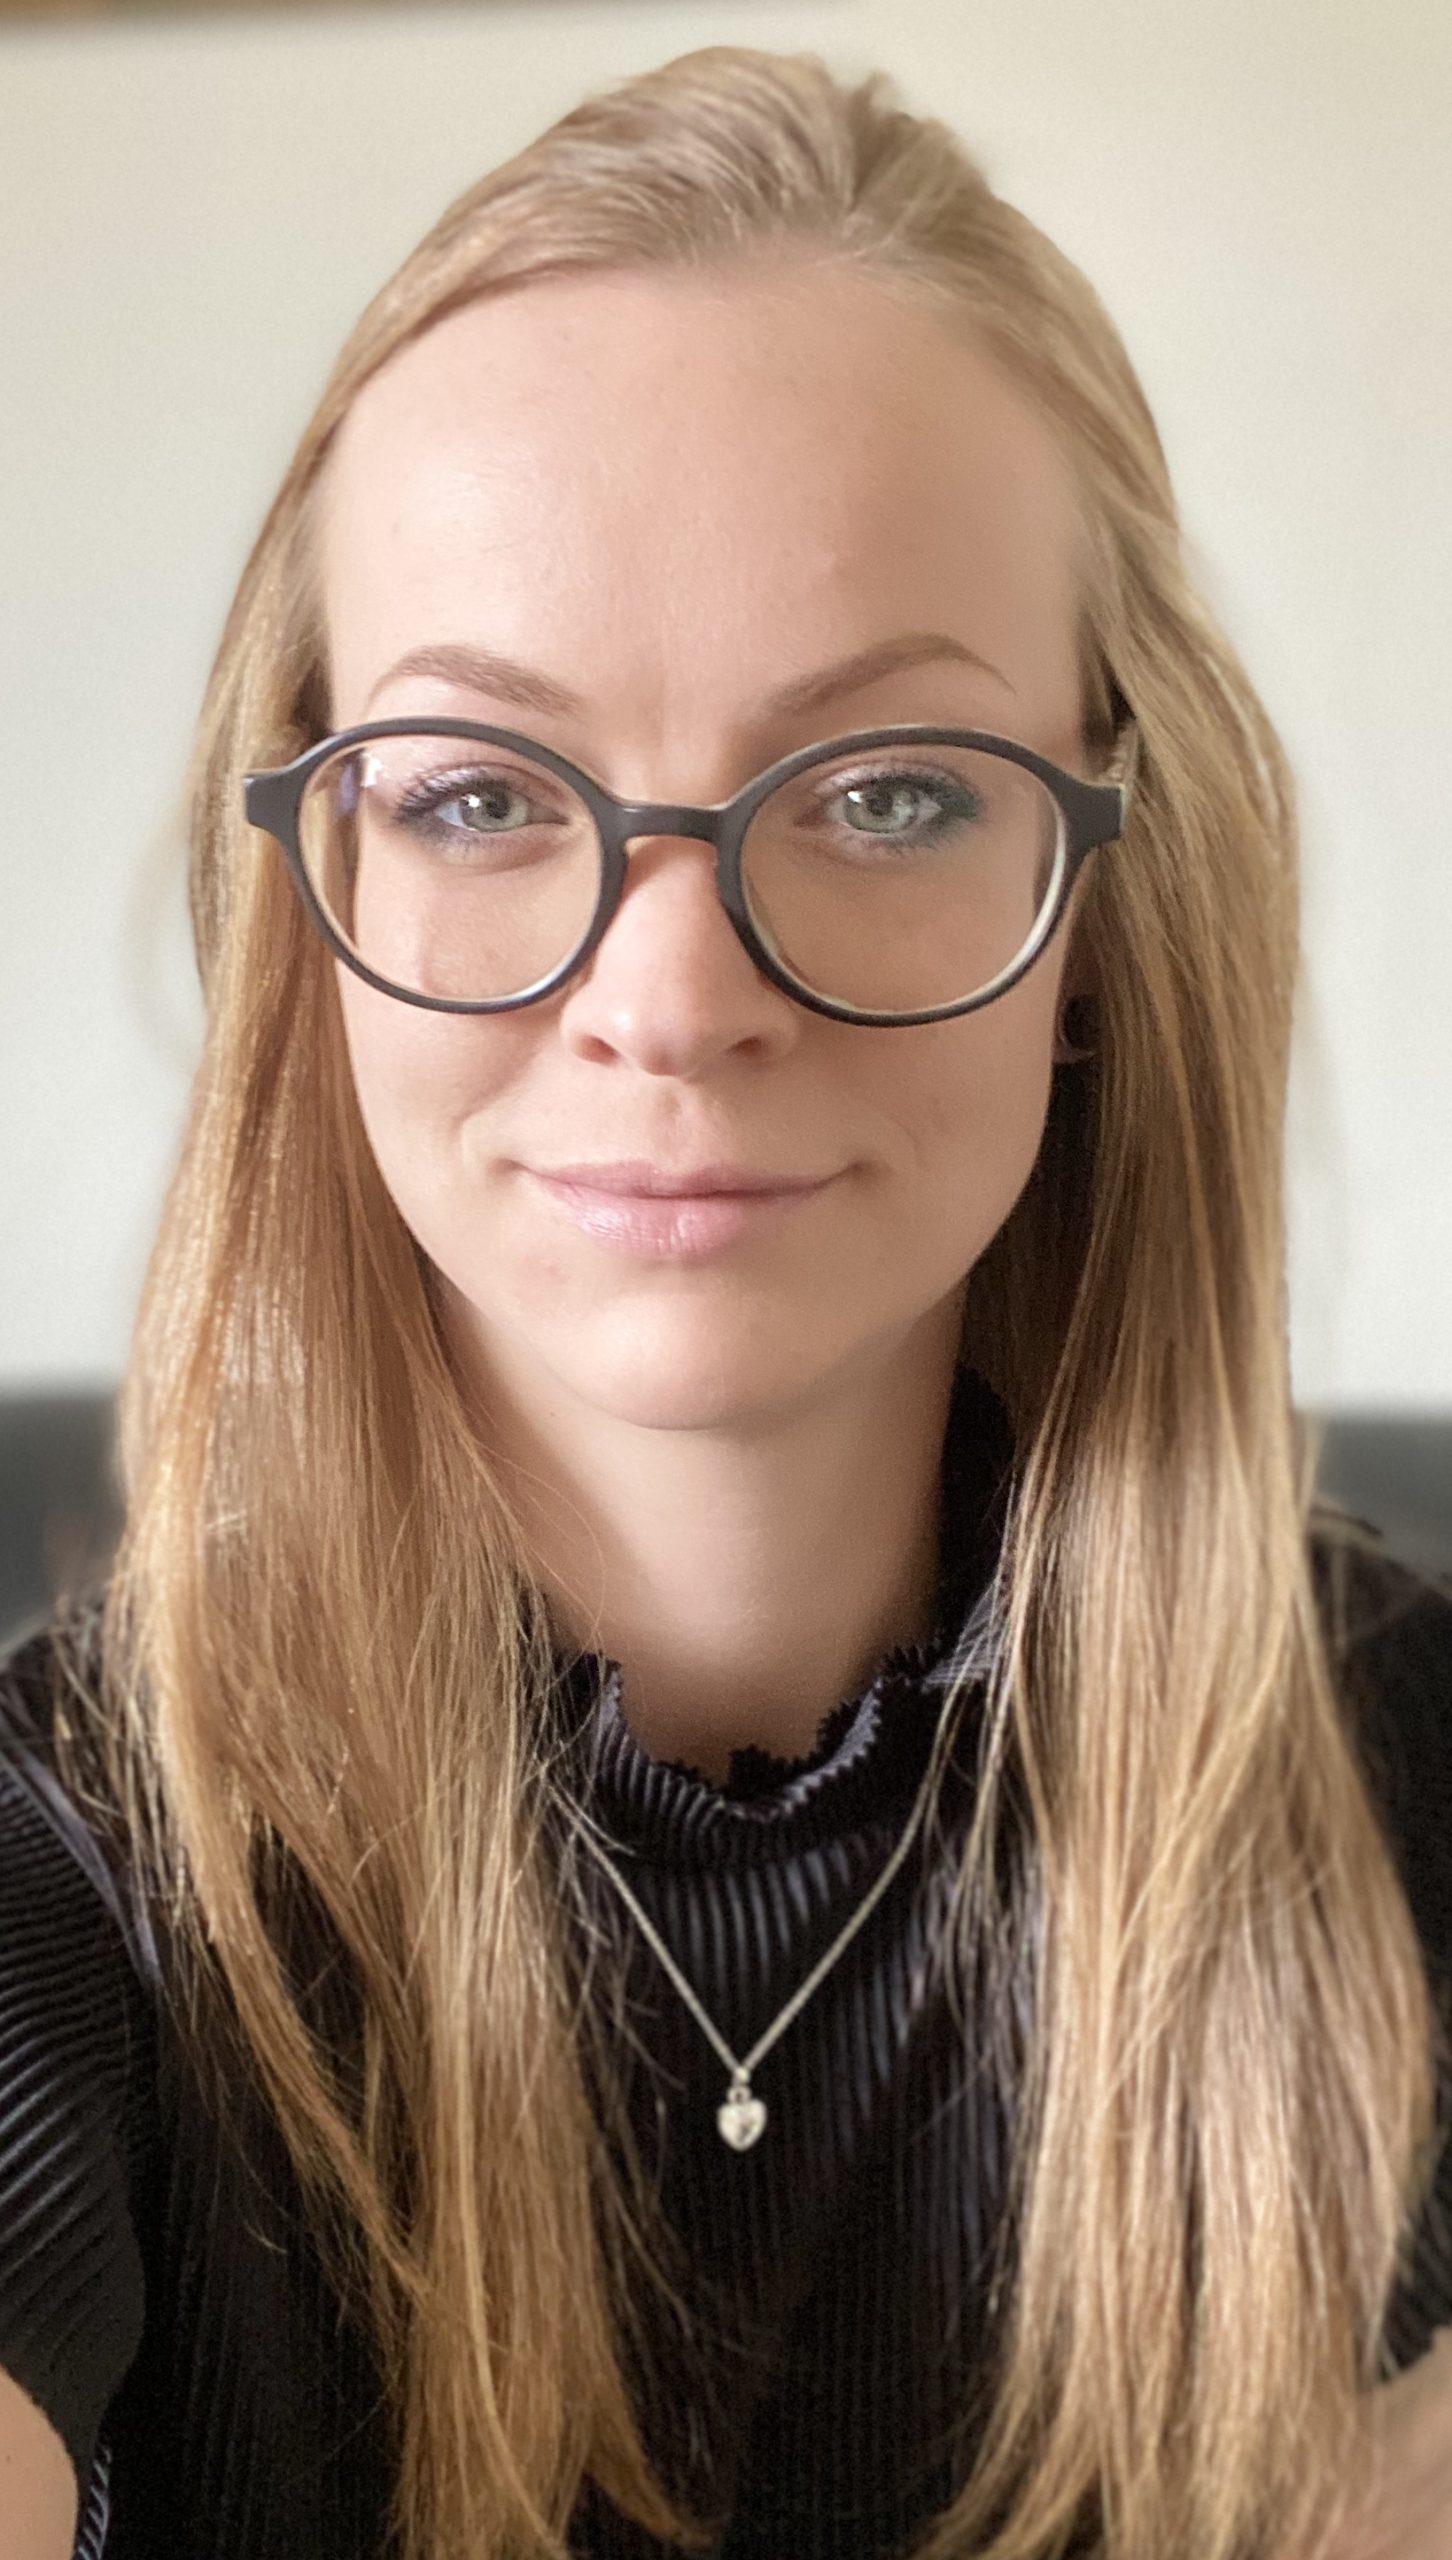 Melanie Stark